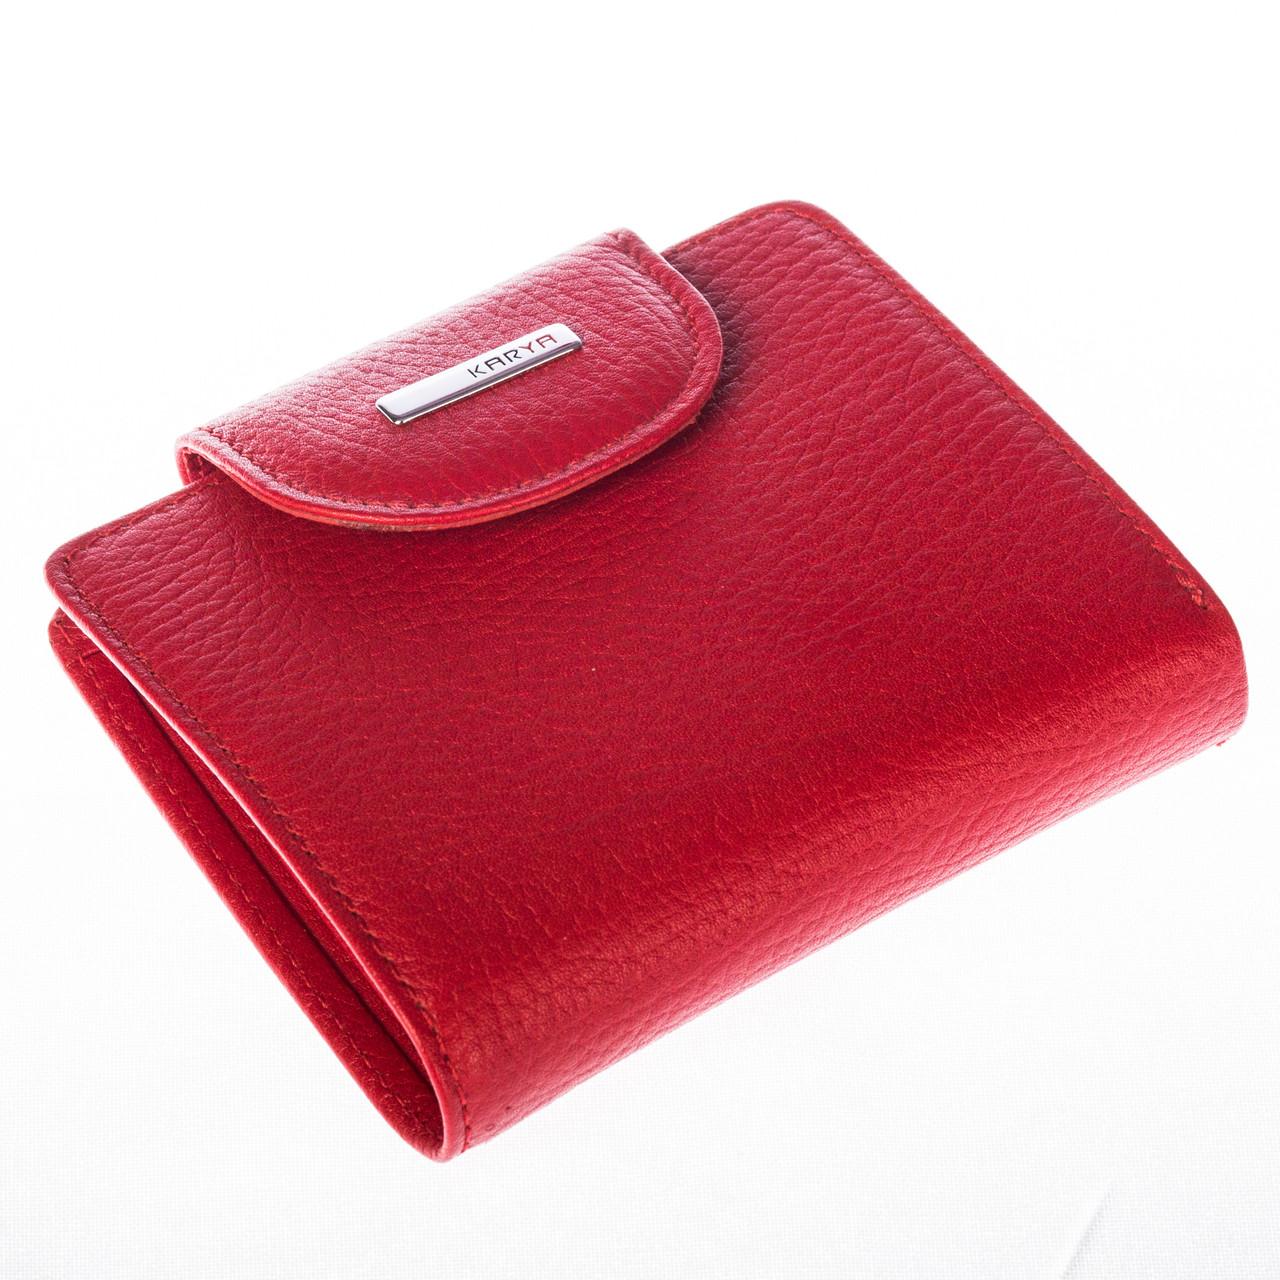 Маленький женский кошелек кожаный красный Karya 1052-46